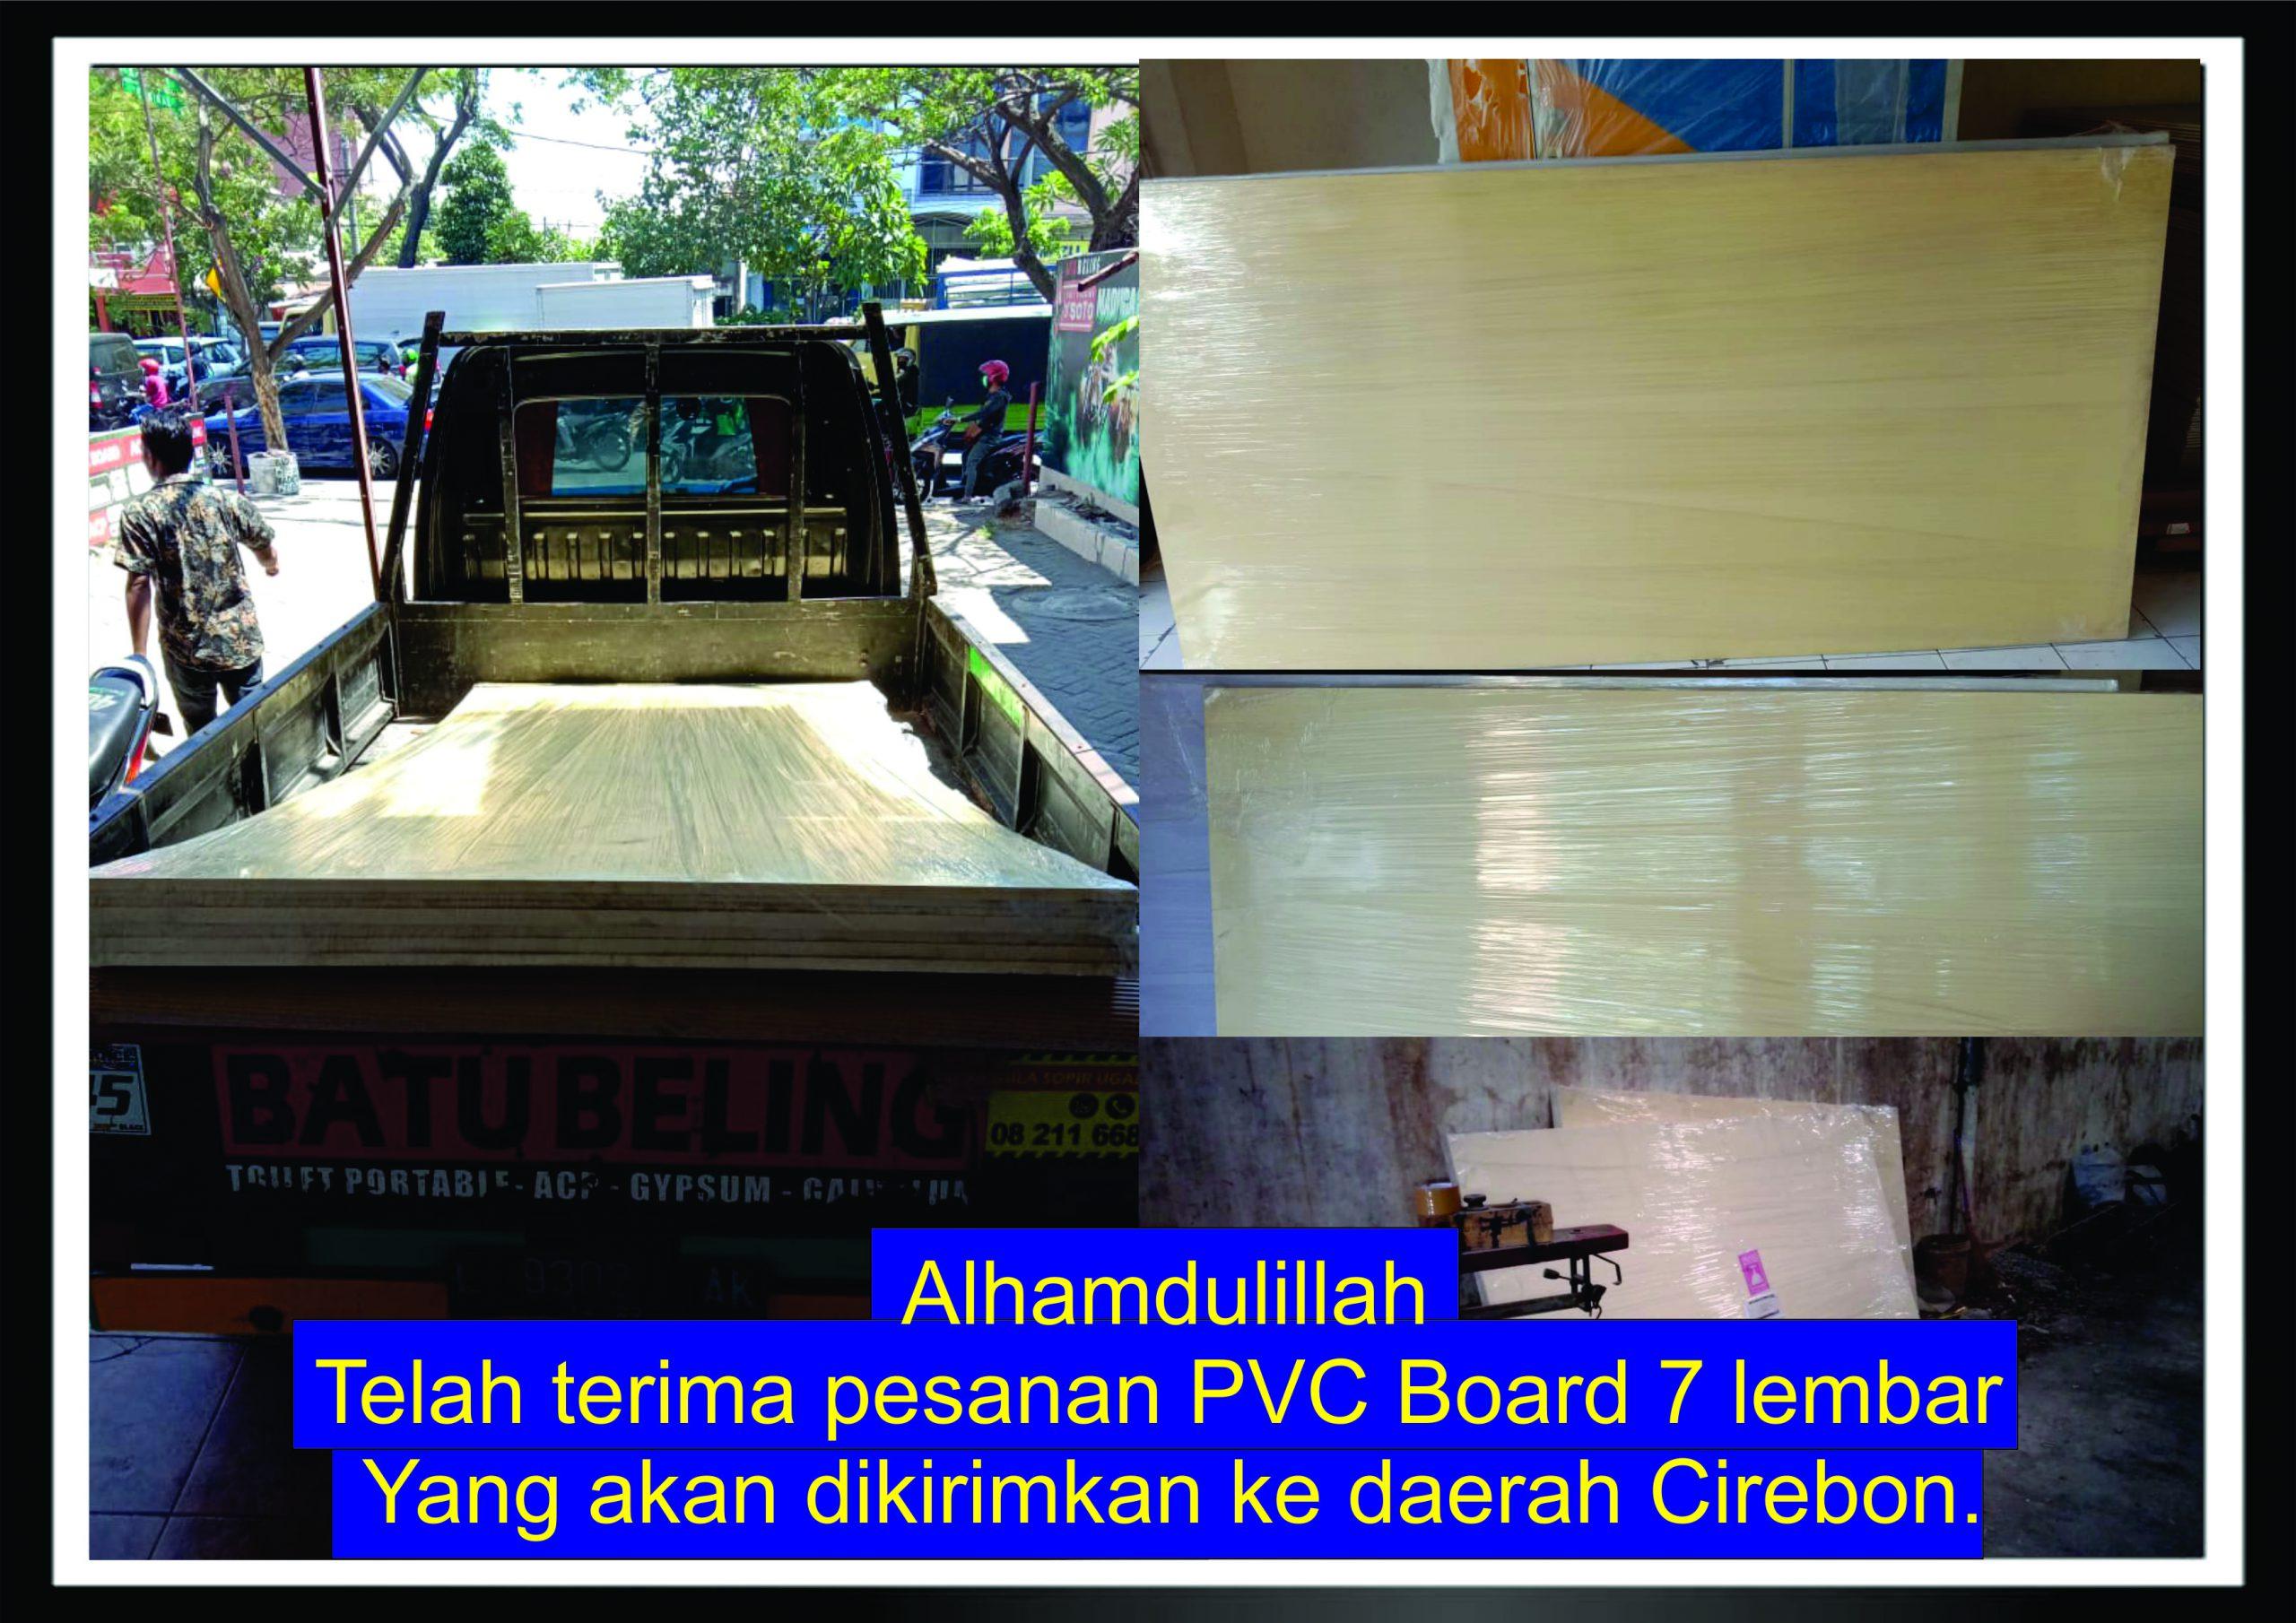 Kolase Habib Muhammad Cirebon